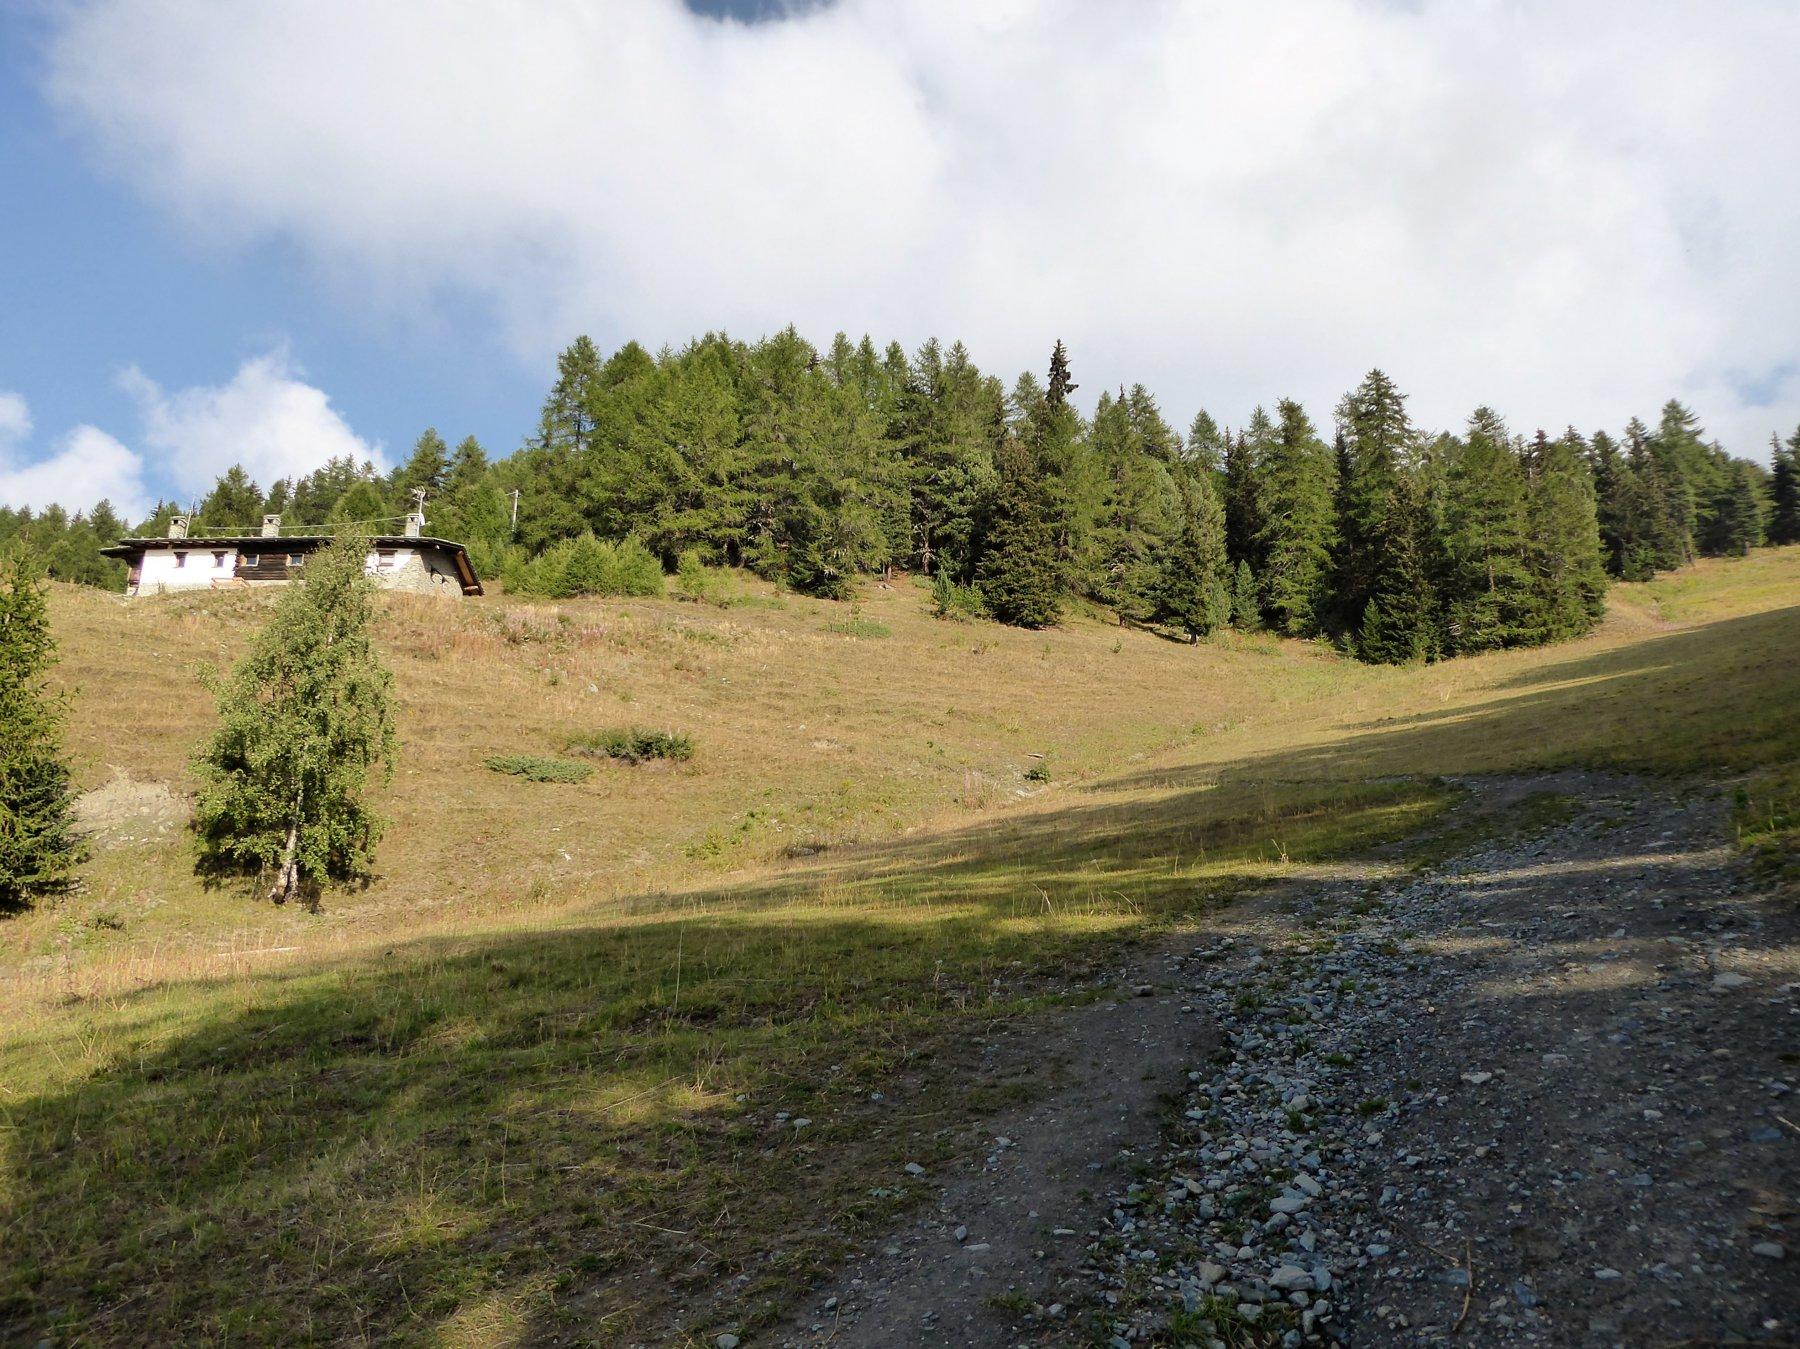 chiusura dell'anello: a destra la pista risalita all'andata, a sinistra il 16 dall'alpeggio Chamolè